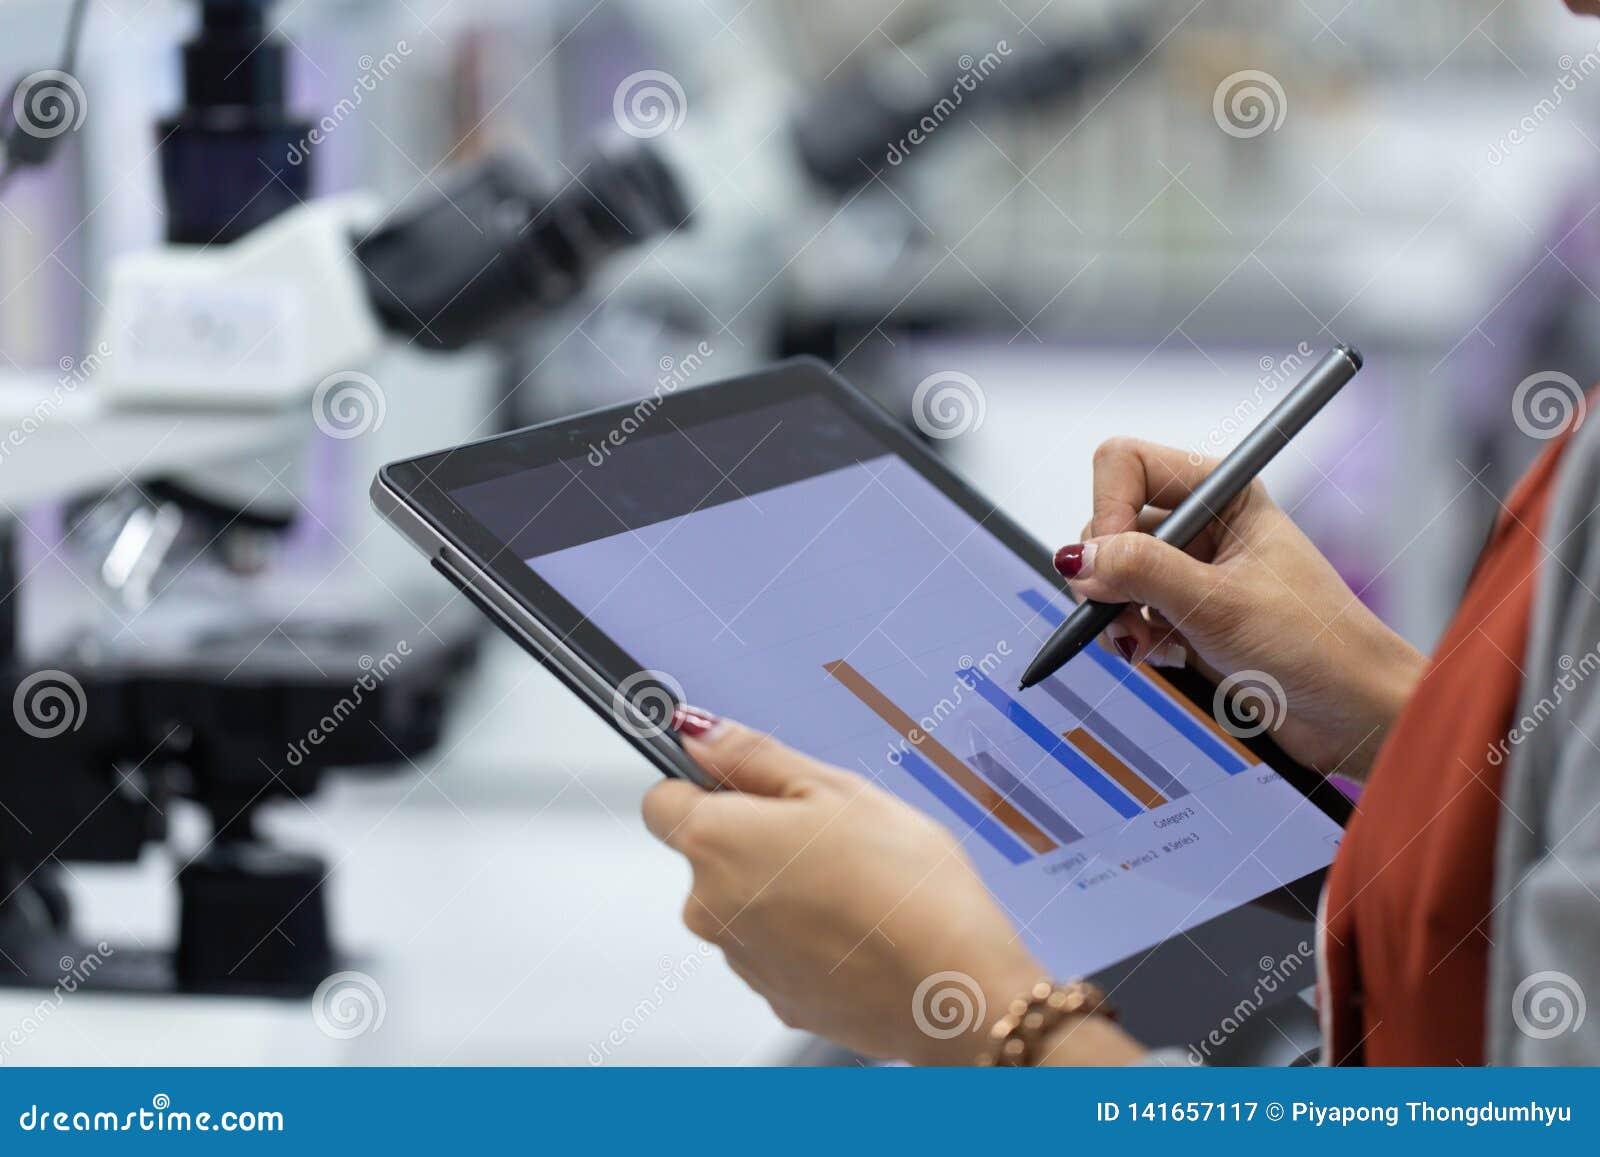 Analyse des résultats expérimentaux dans le laboratoire